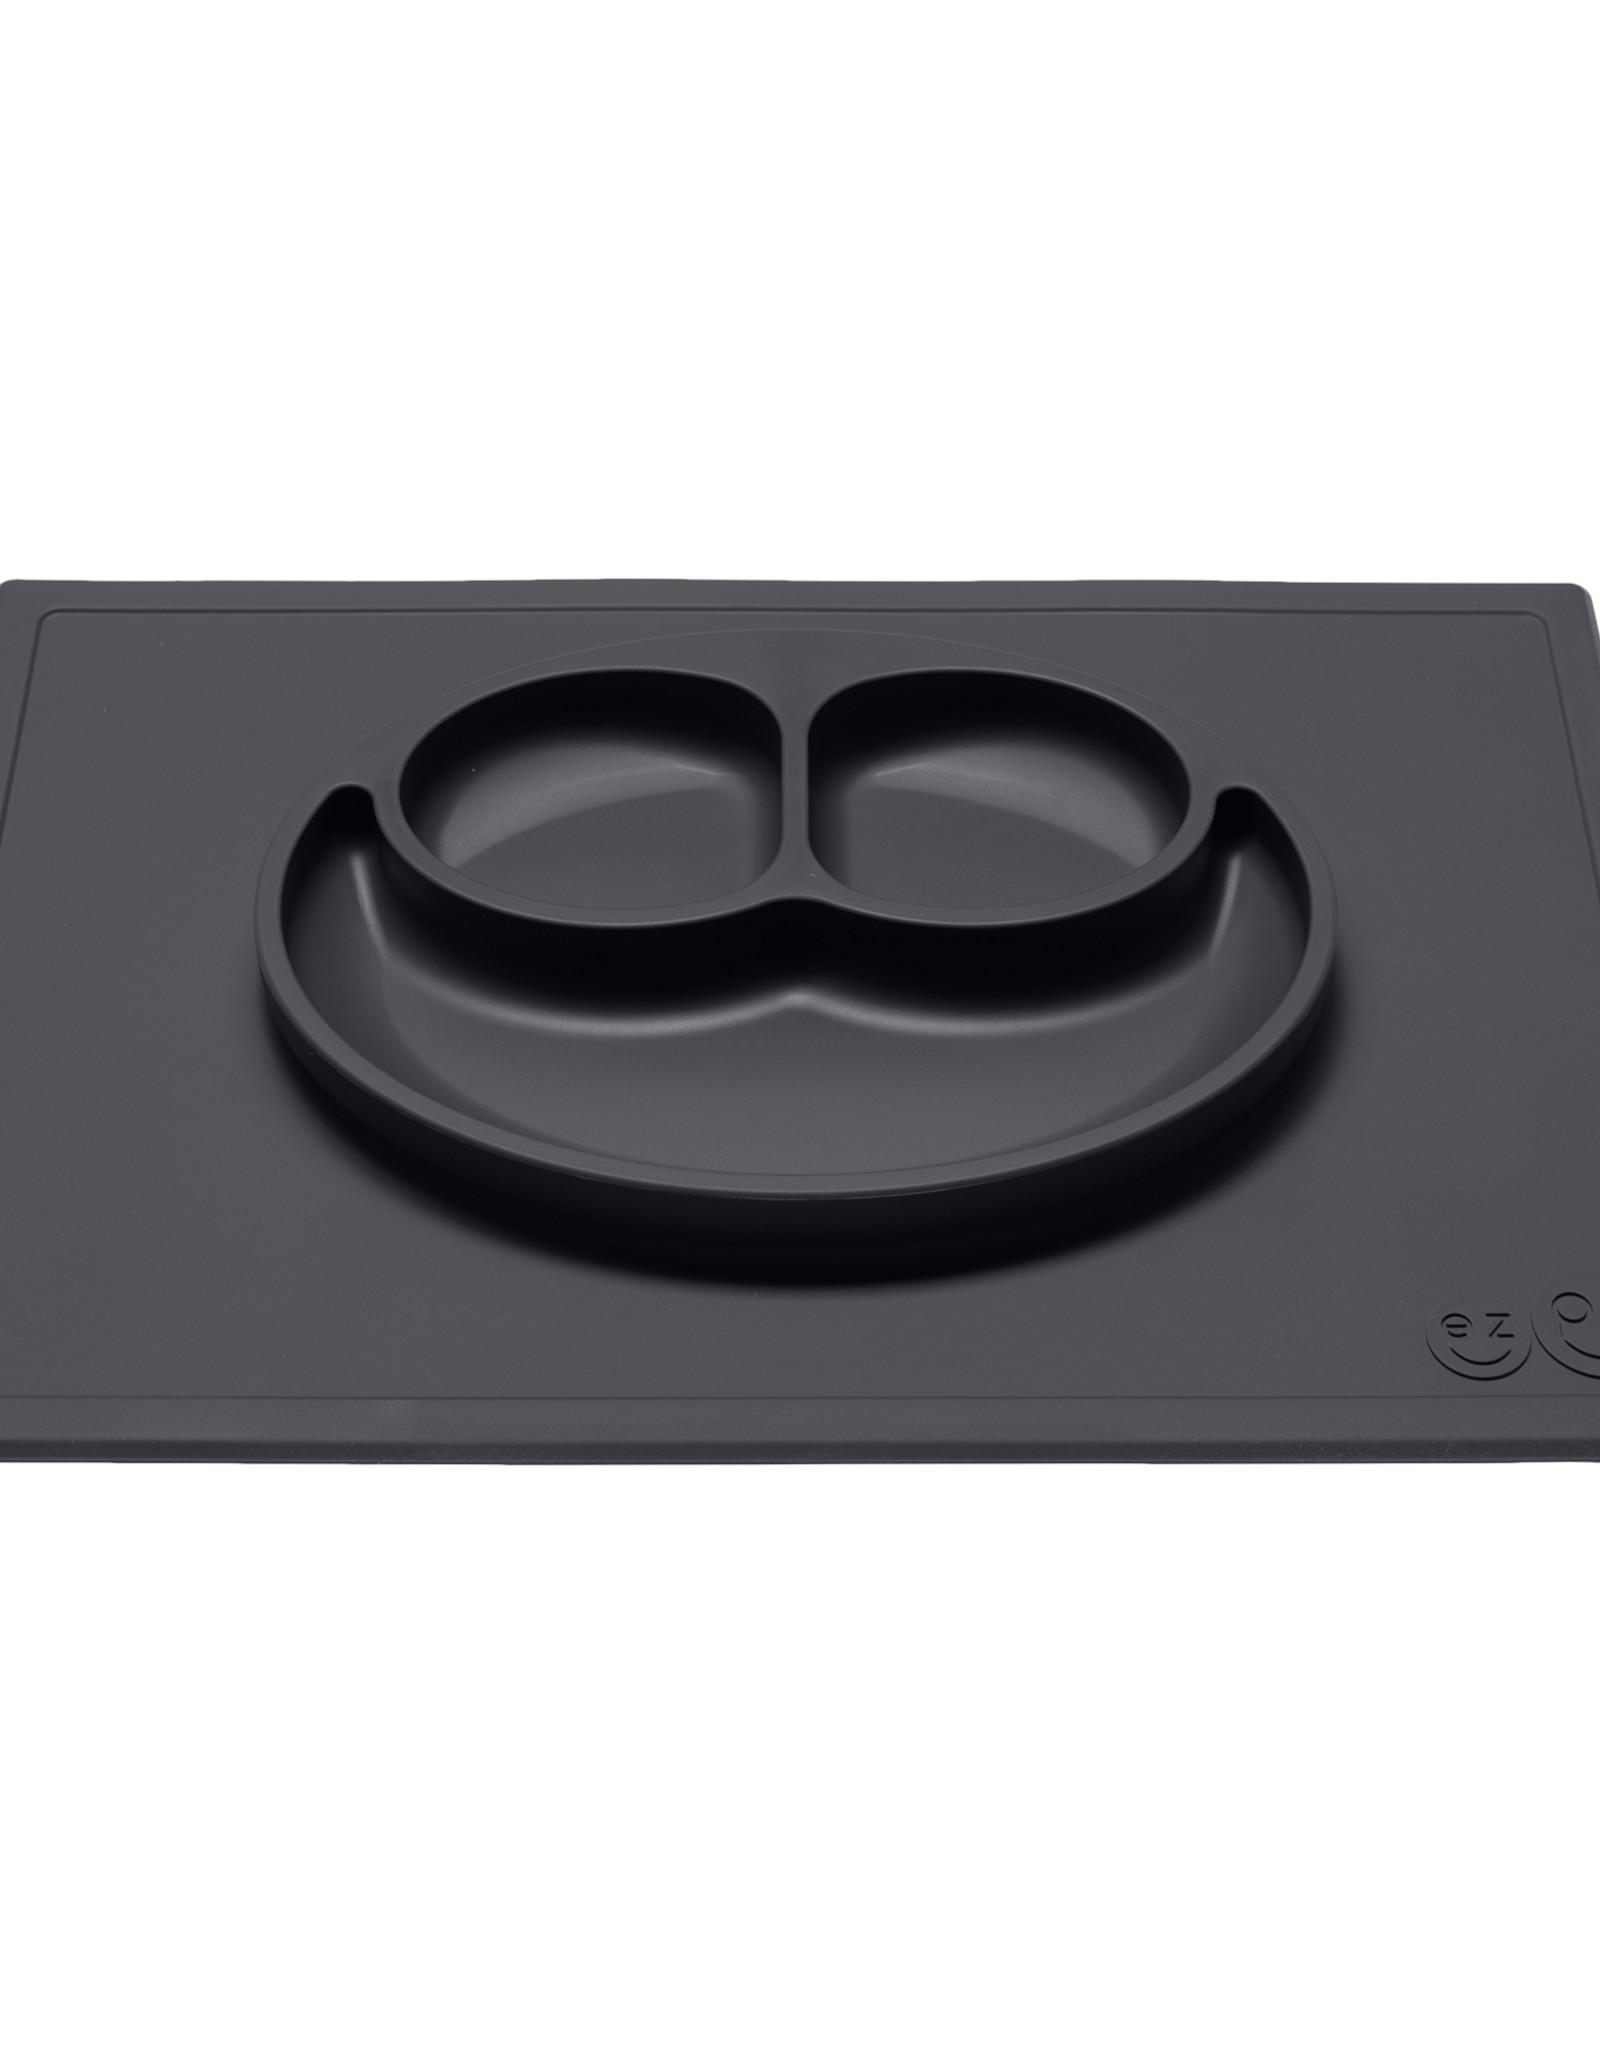 EZPZ Happy mat - Ardoise slate